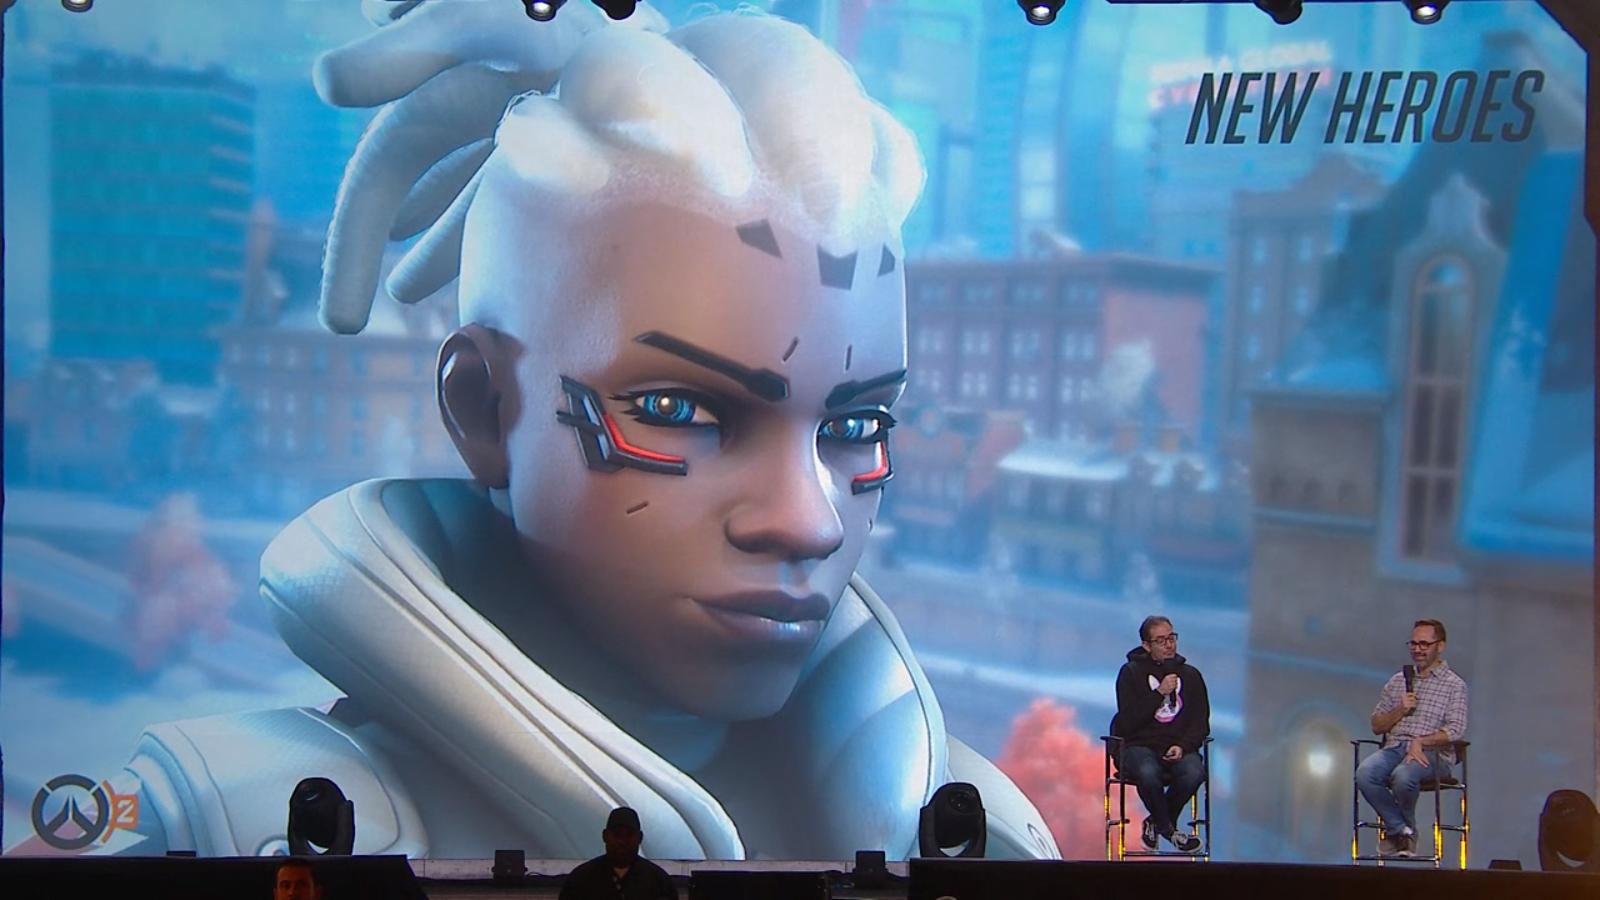 Sojourn est le nouveau héros disponible avec Overwatch 2